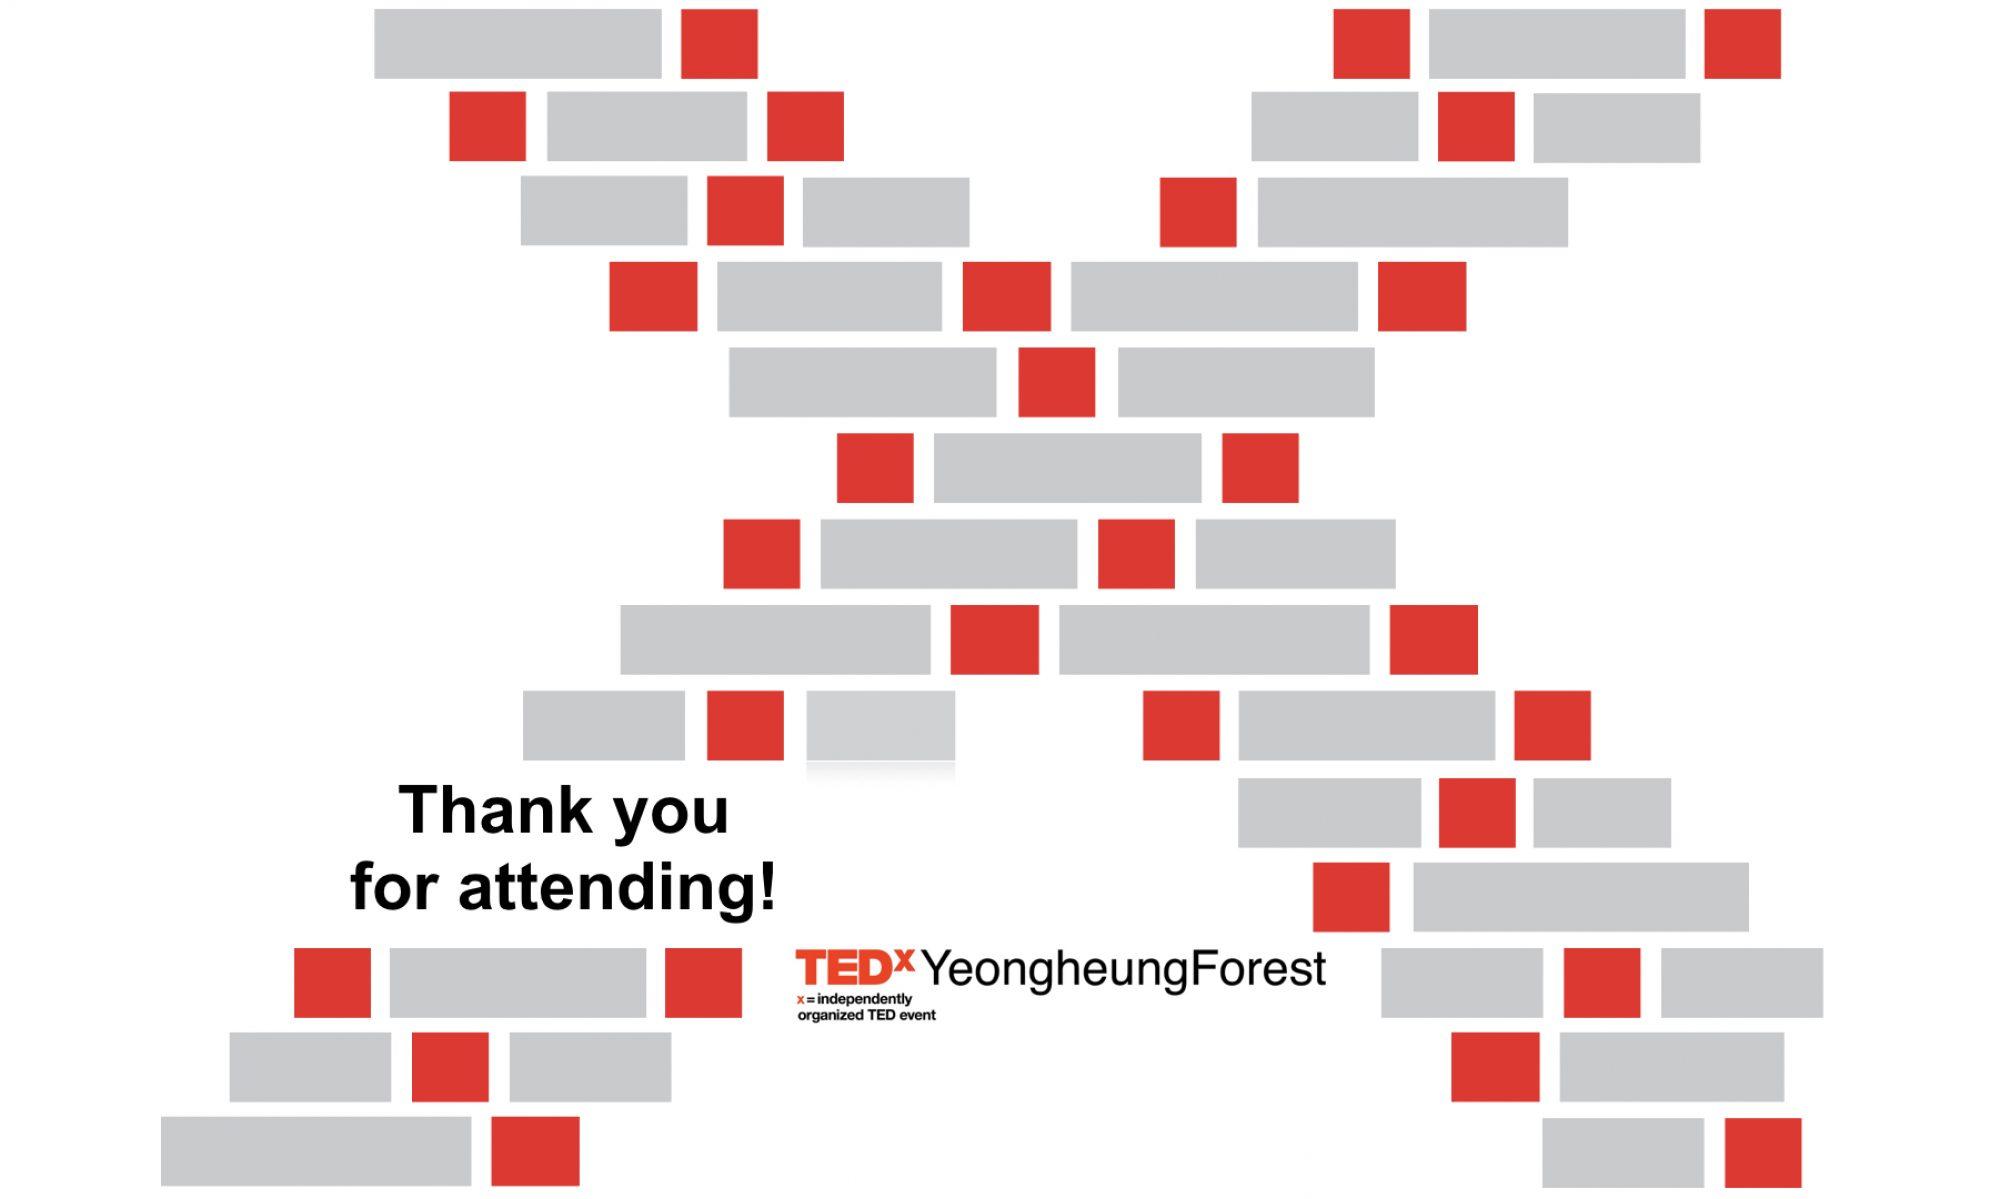 TedxYeongheungForest